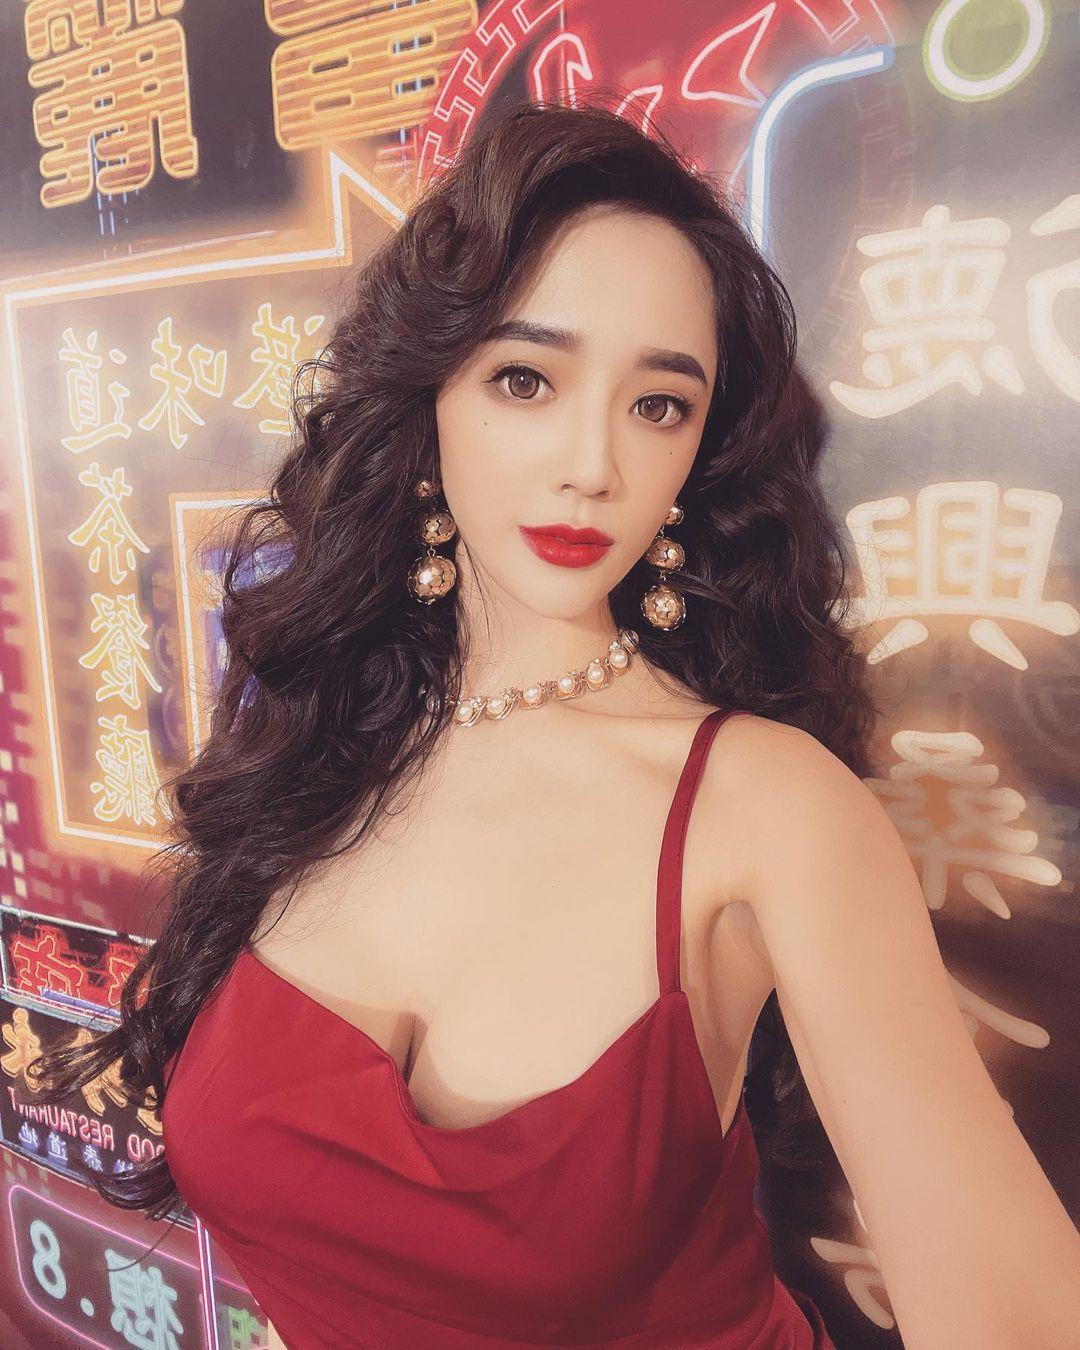 人气美女Zihan Weng子涵港风造型超美艳低胸礼服